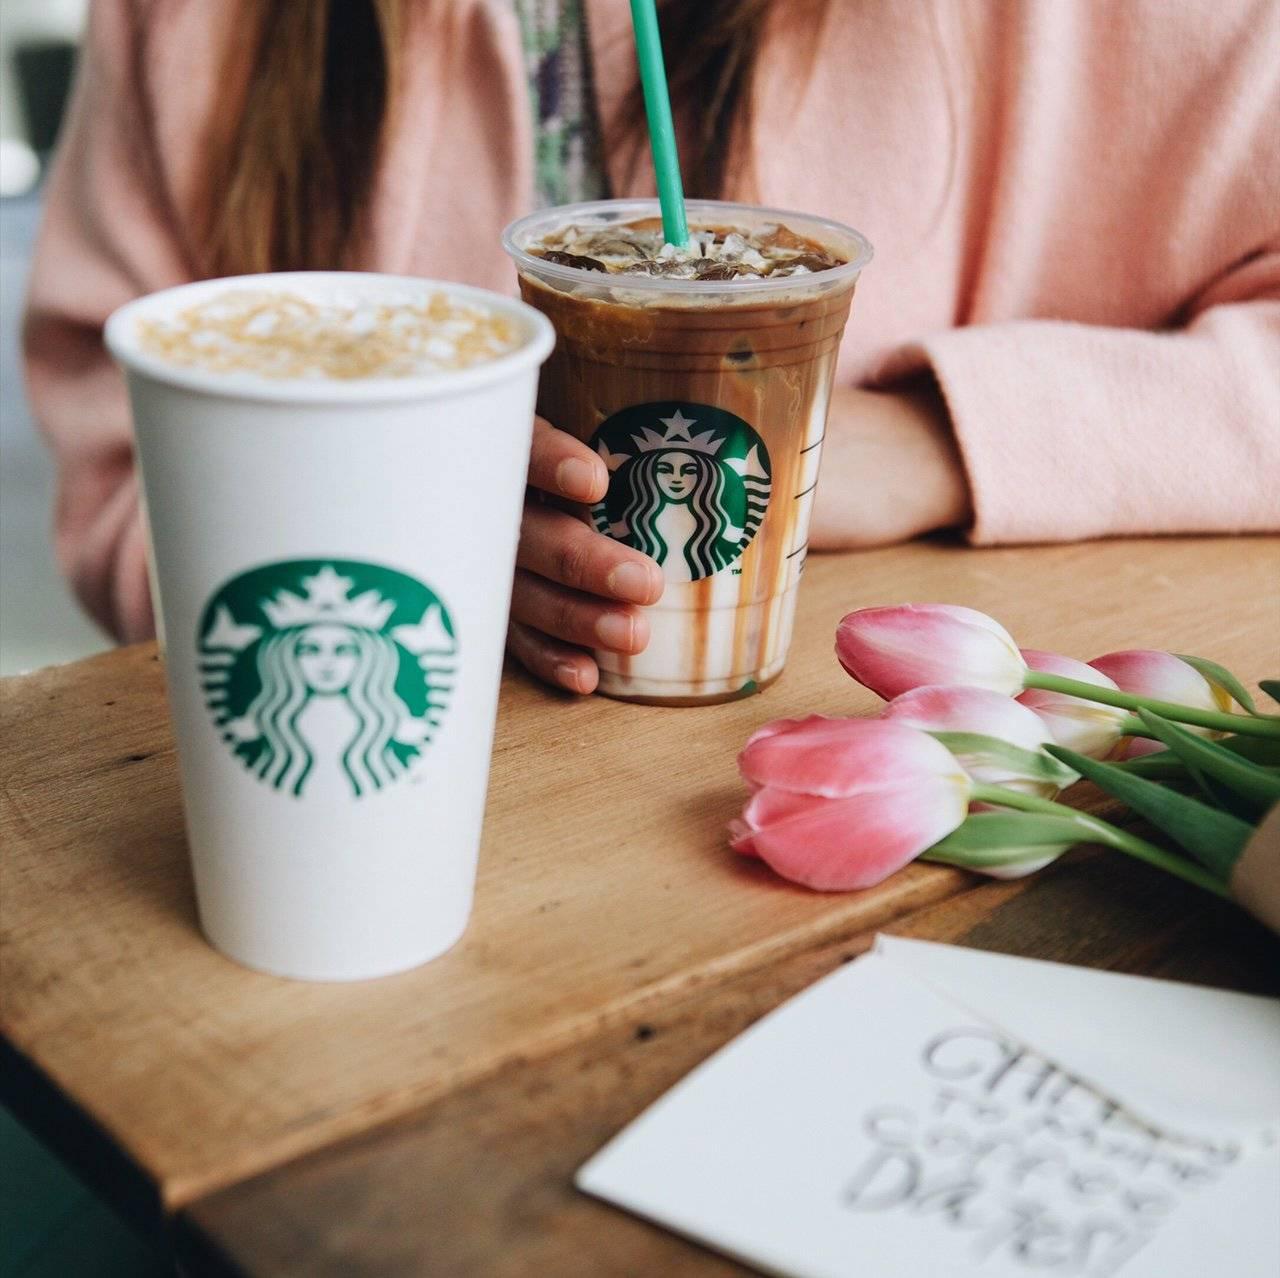 Старбакс кофе: разновидности, калорийность, рецептуры, цены, отзывы